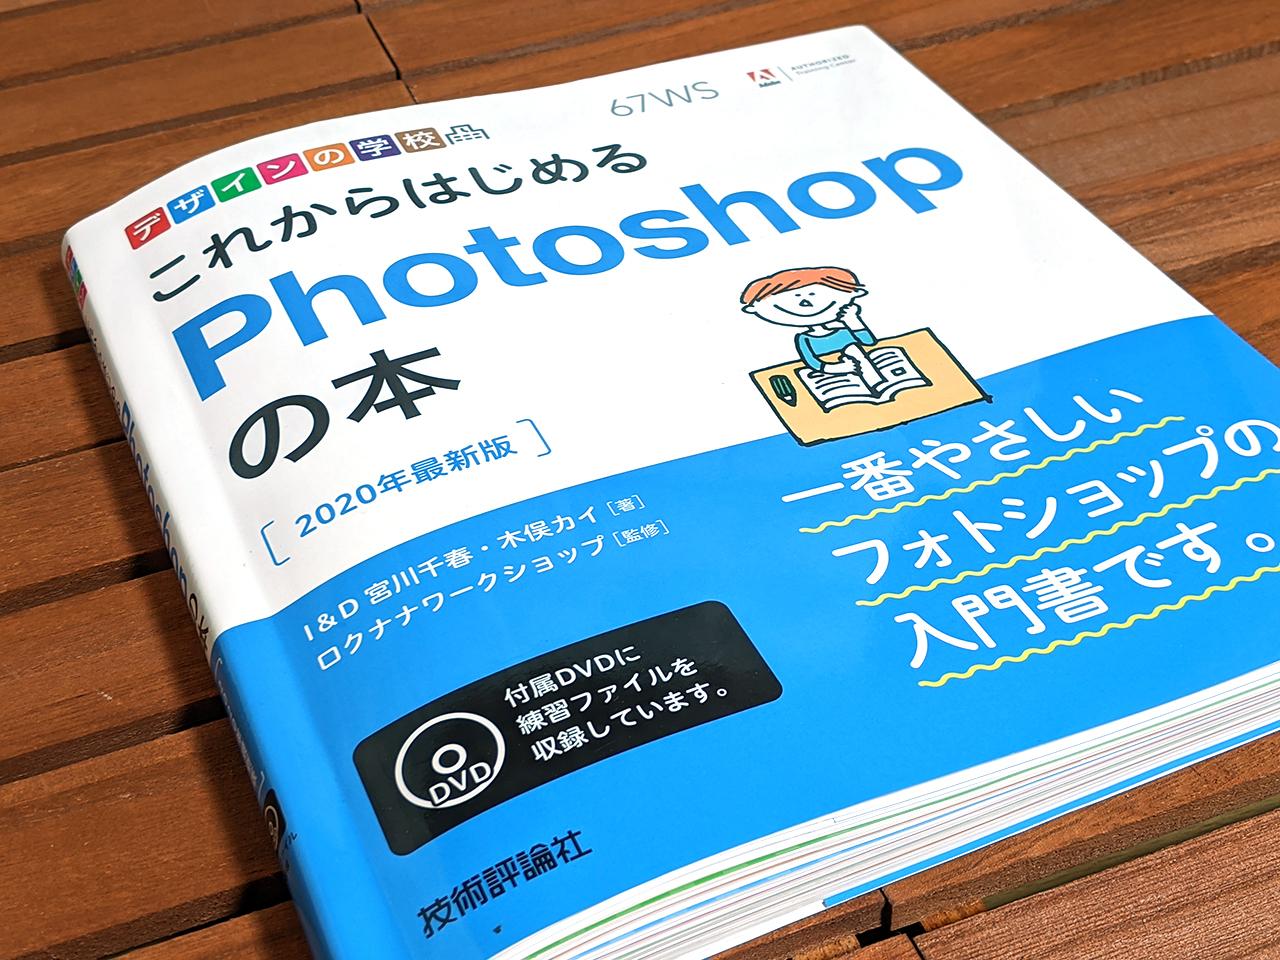 レイヤーマスクが、少しだけ理解できた「これからはじめるPhotoshopの本」の3回目